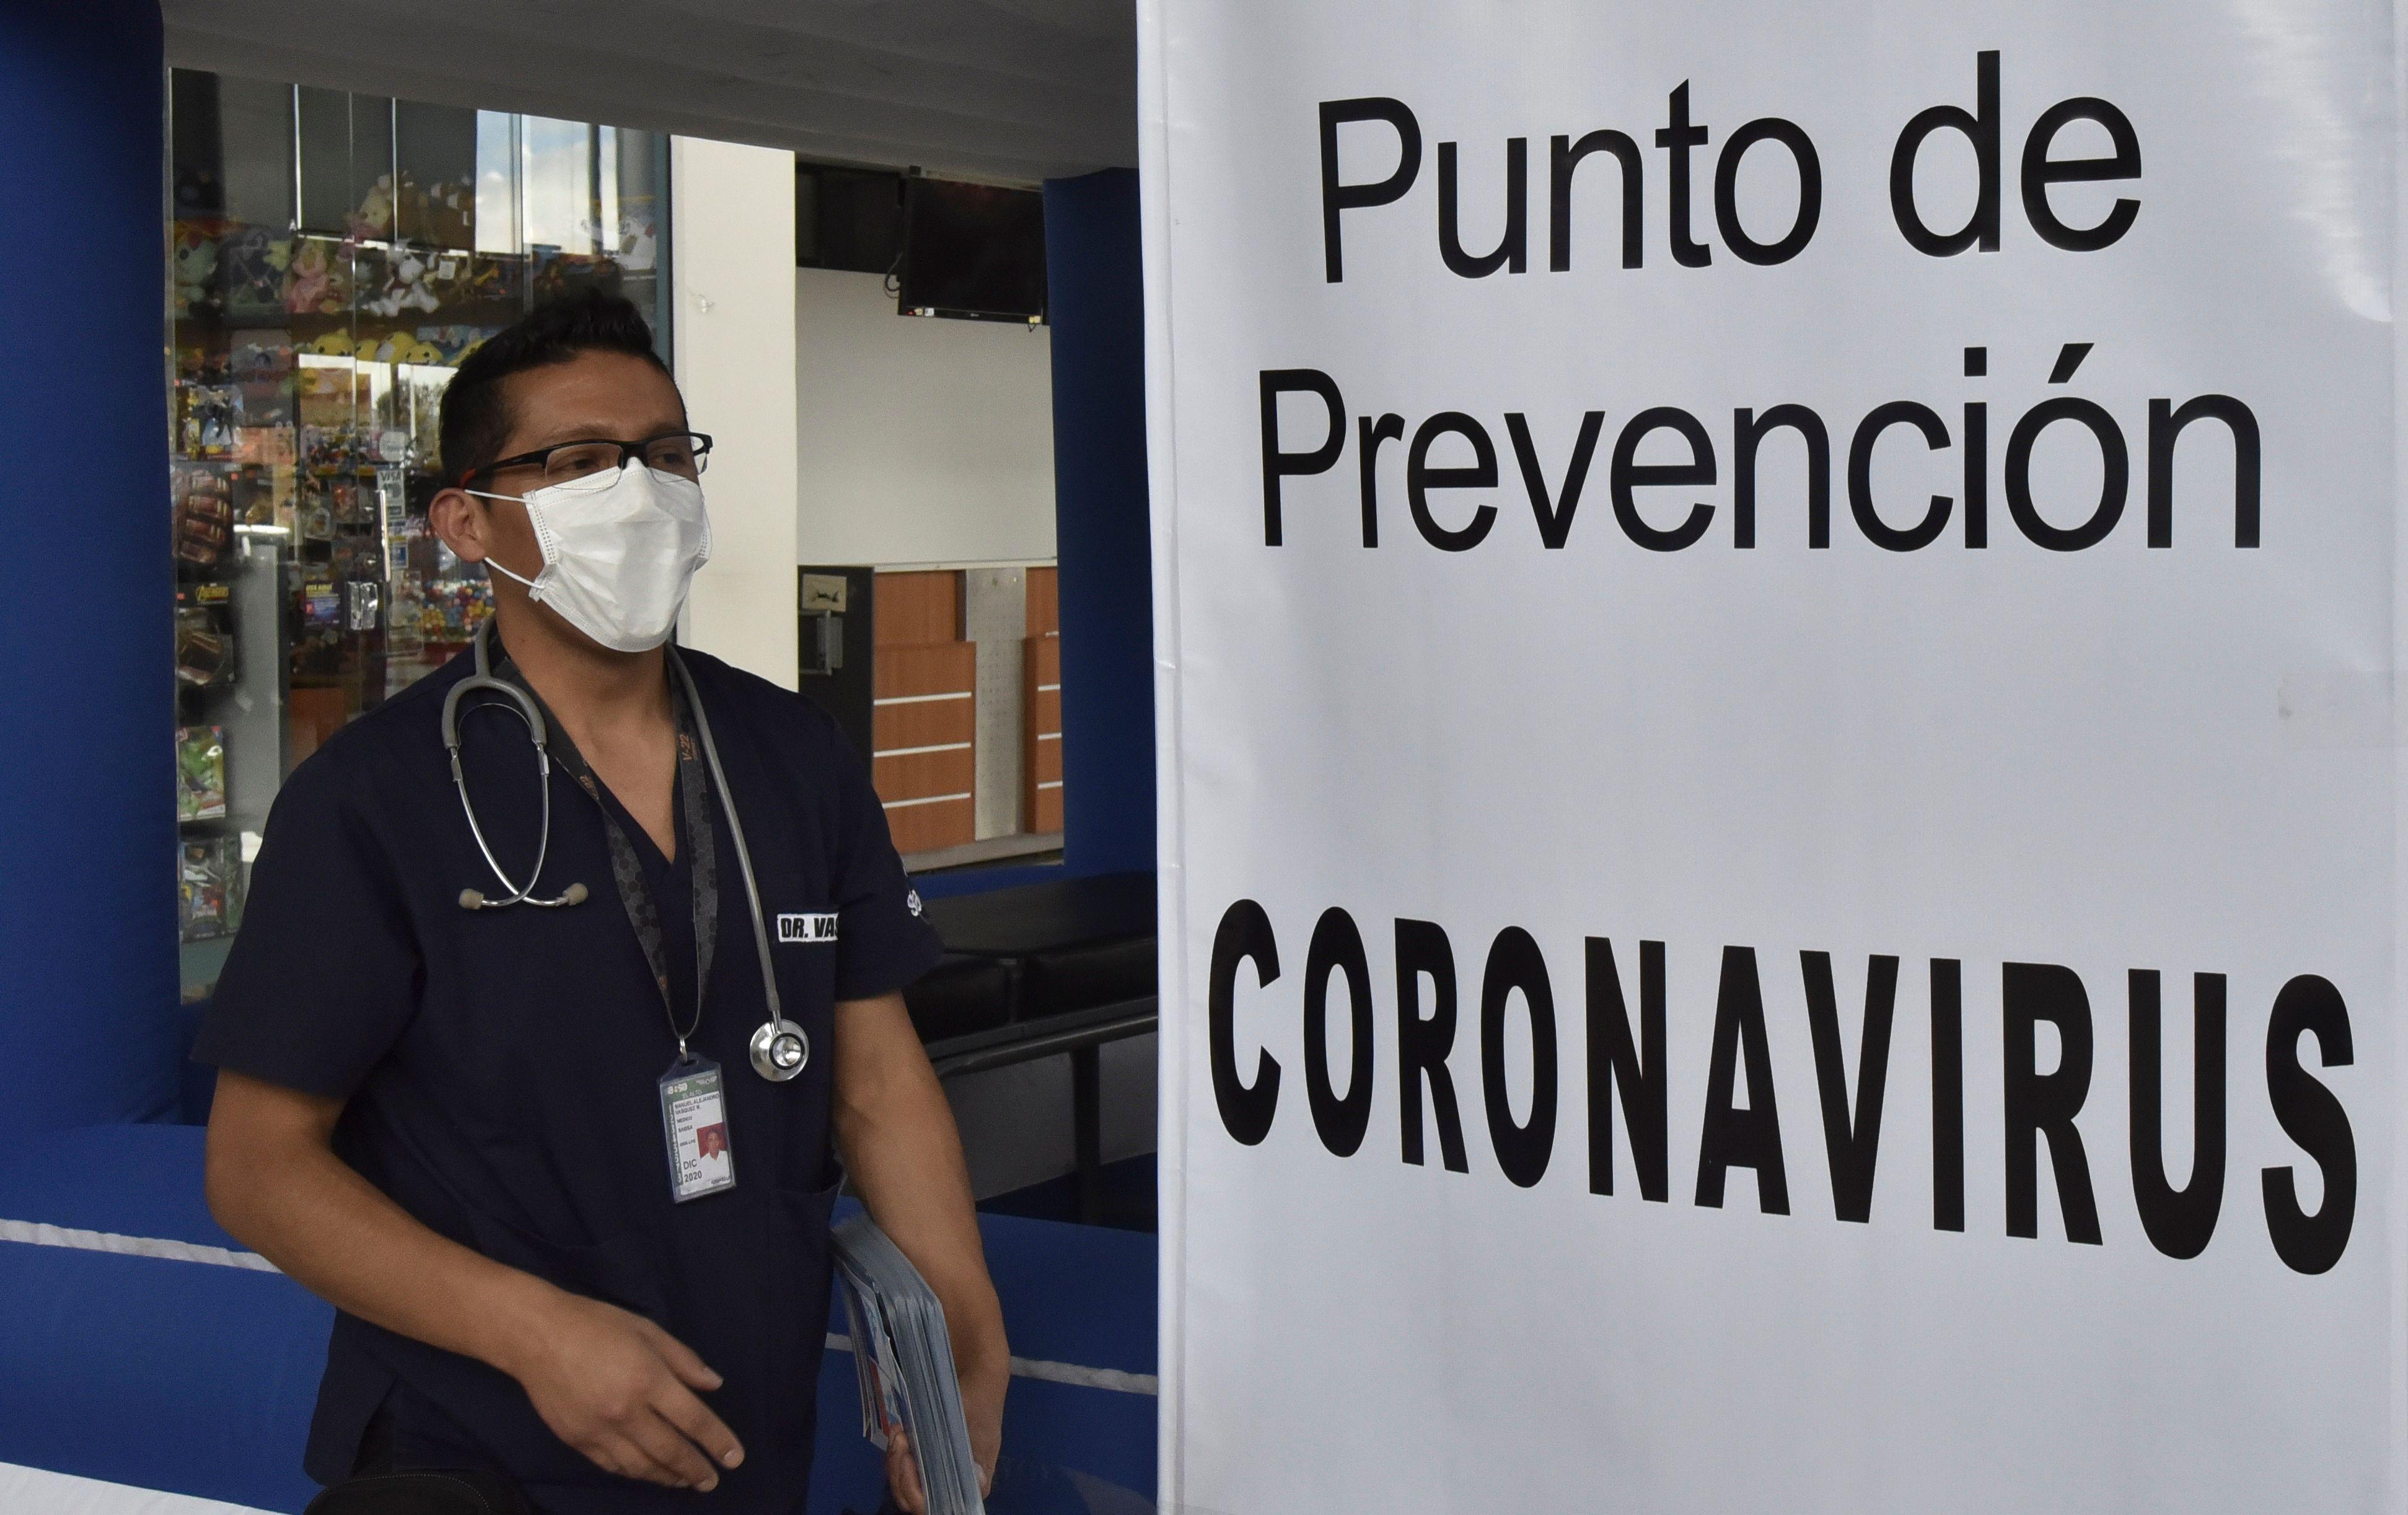 玻利维亚 - 中国 - 健康 - 病毒